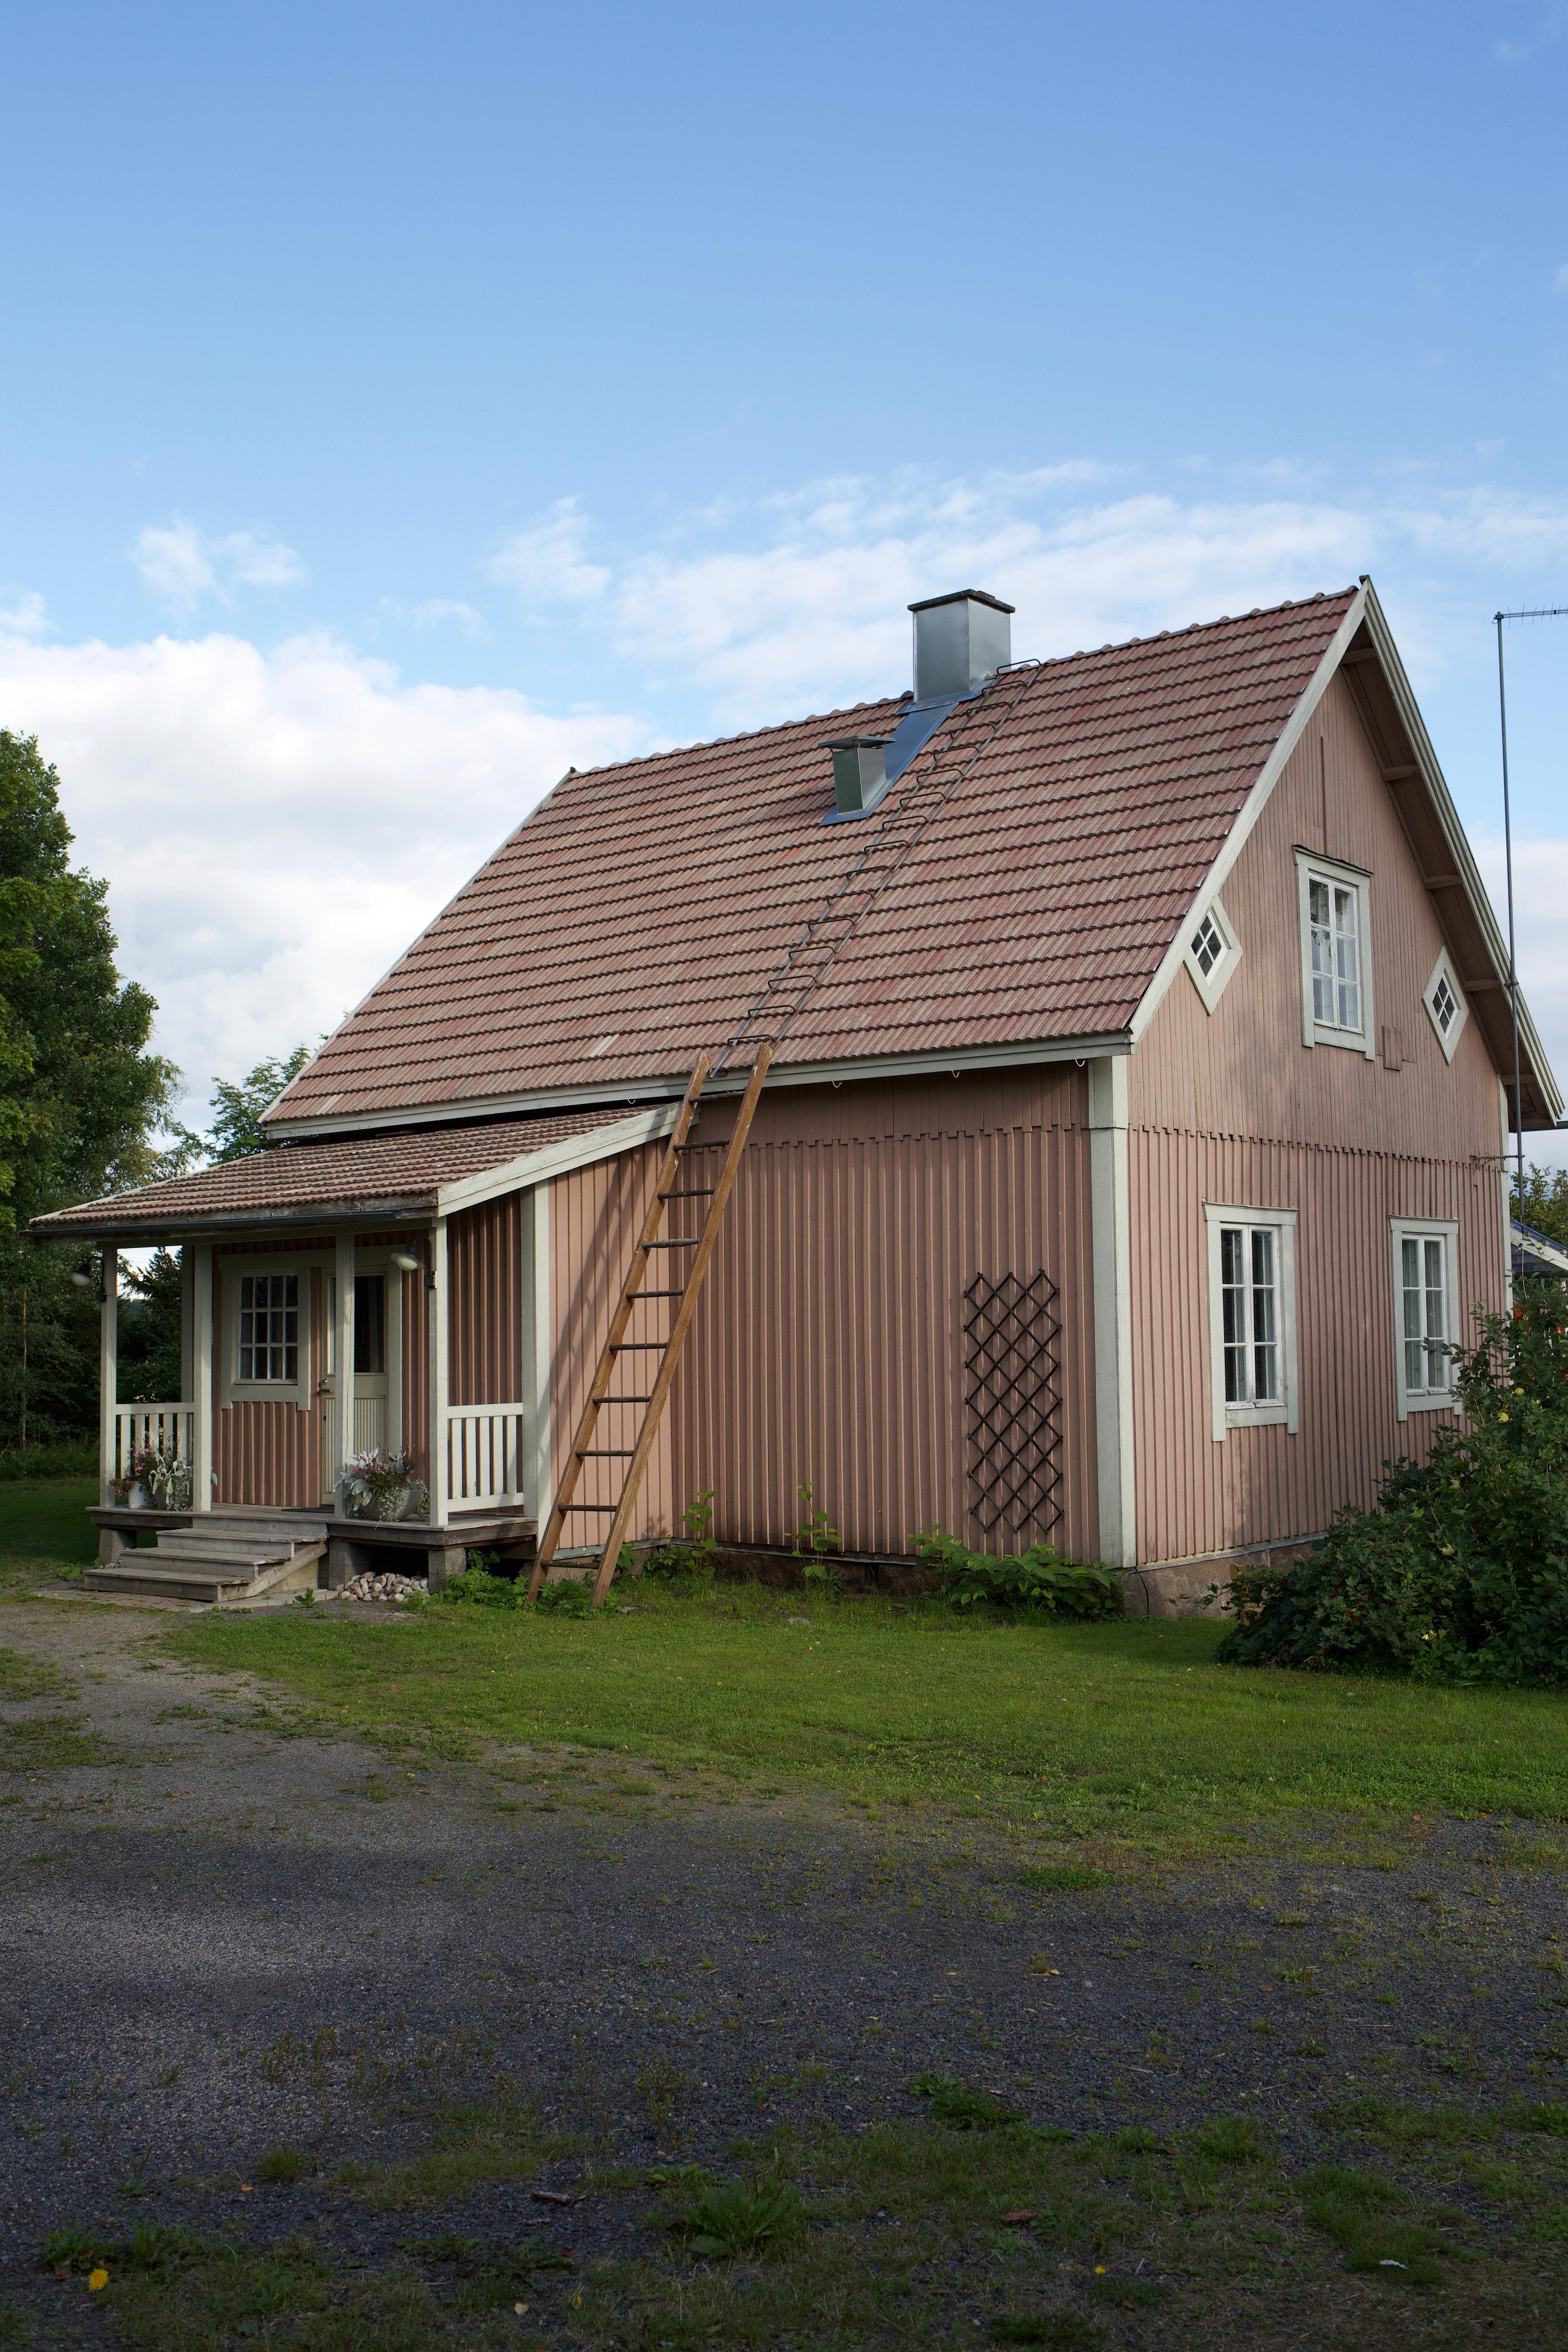 Kuistin rakentaminen vanhaan taloon.